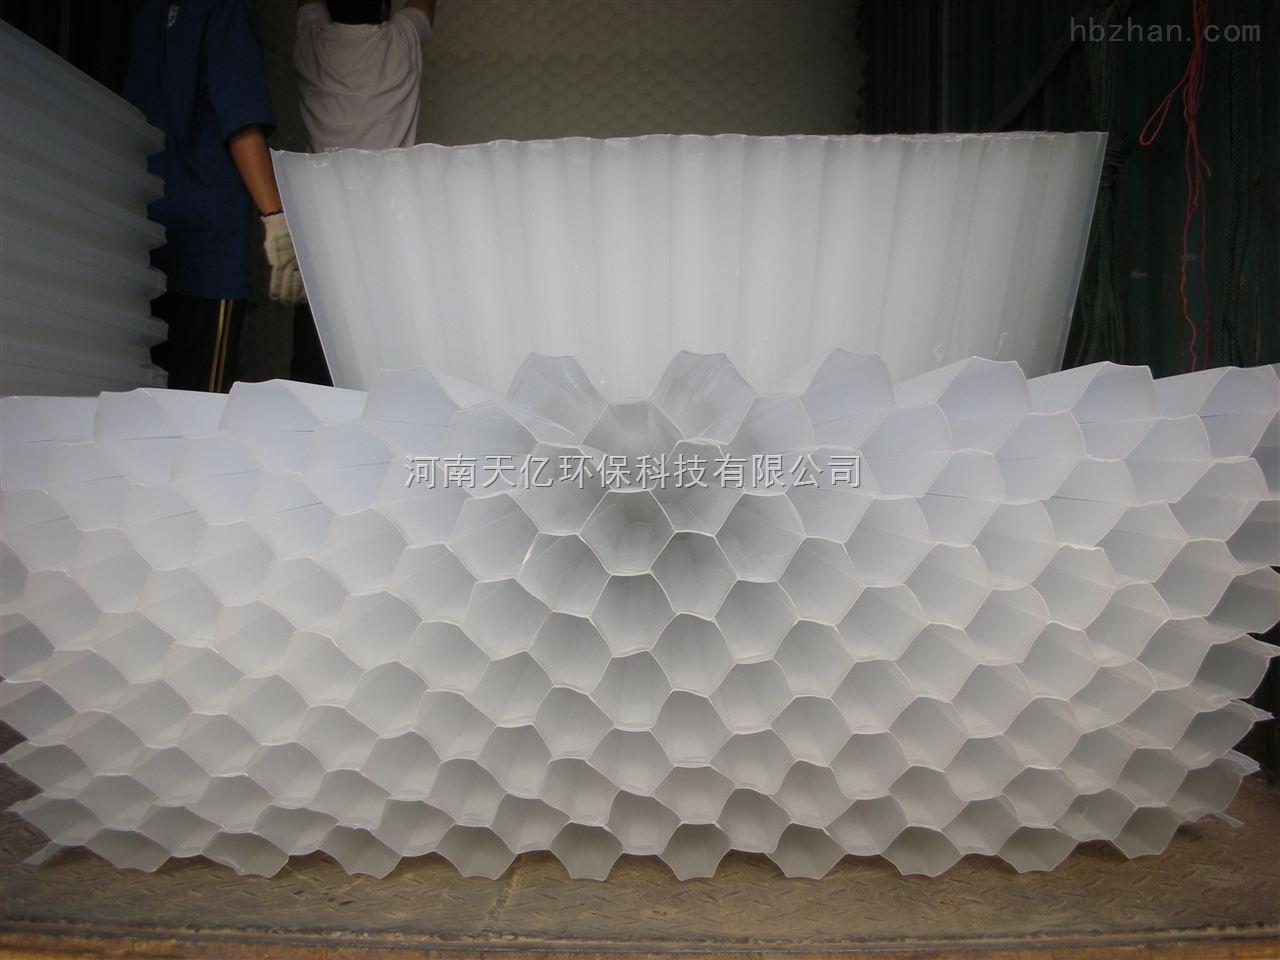 新疆自来水厂六角蜂窝斜管填料安装维护